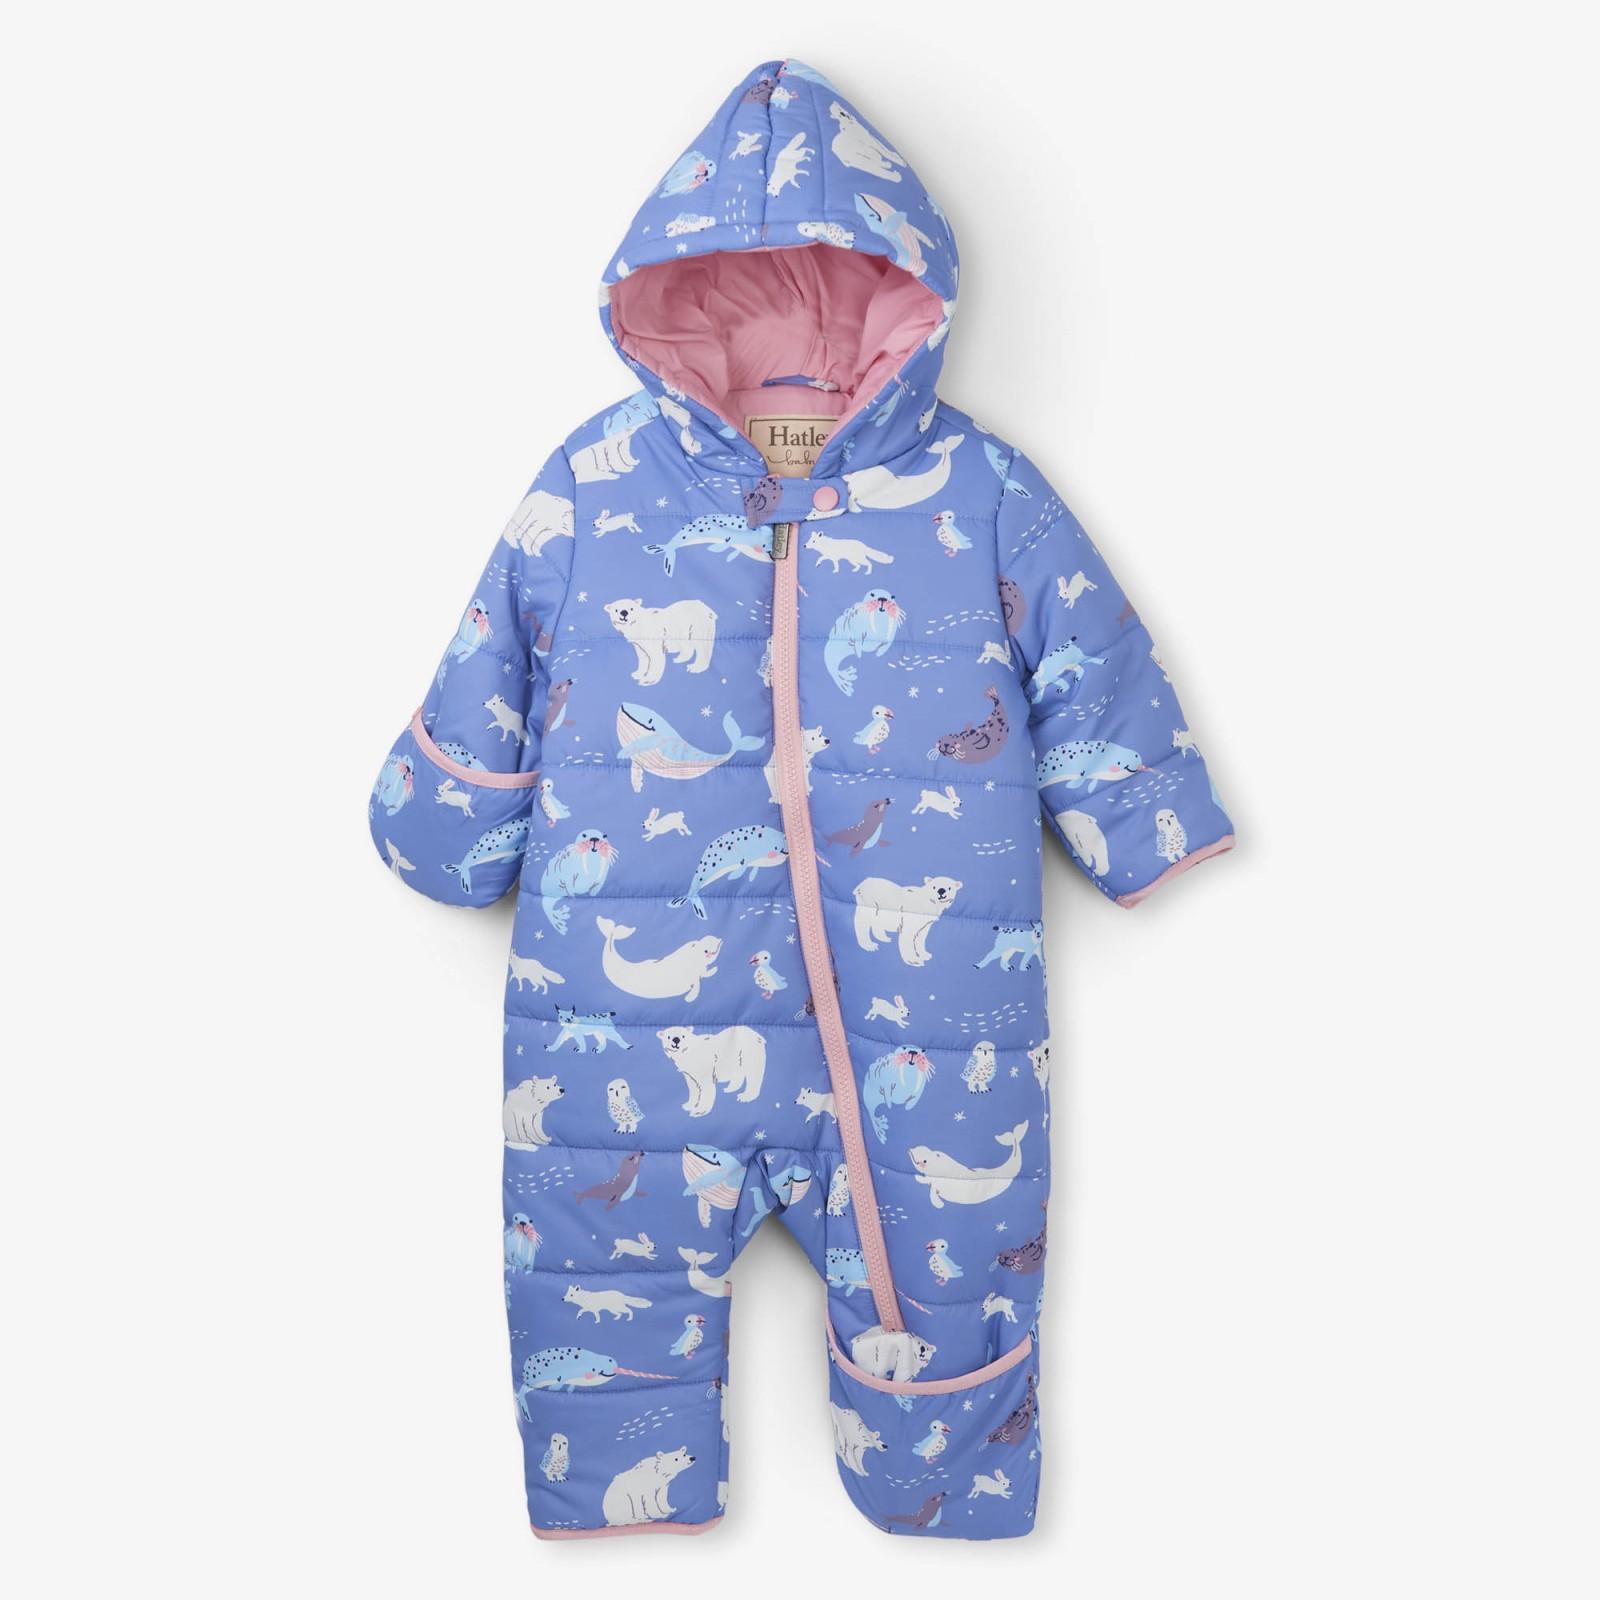 Baby Romper Tops Newborn Infant Jumpsuit Bodysuit Summer Clothes Child Casual Outfit Watermelon,66cm Lemon,80cm